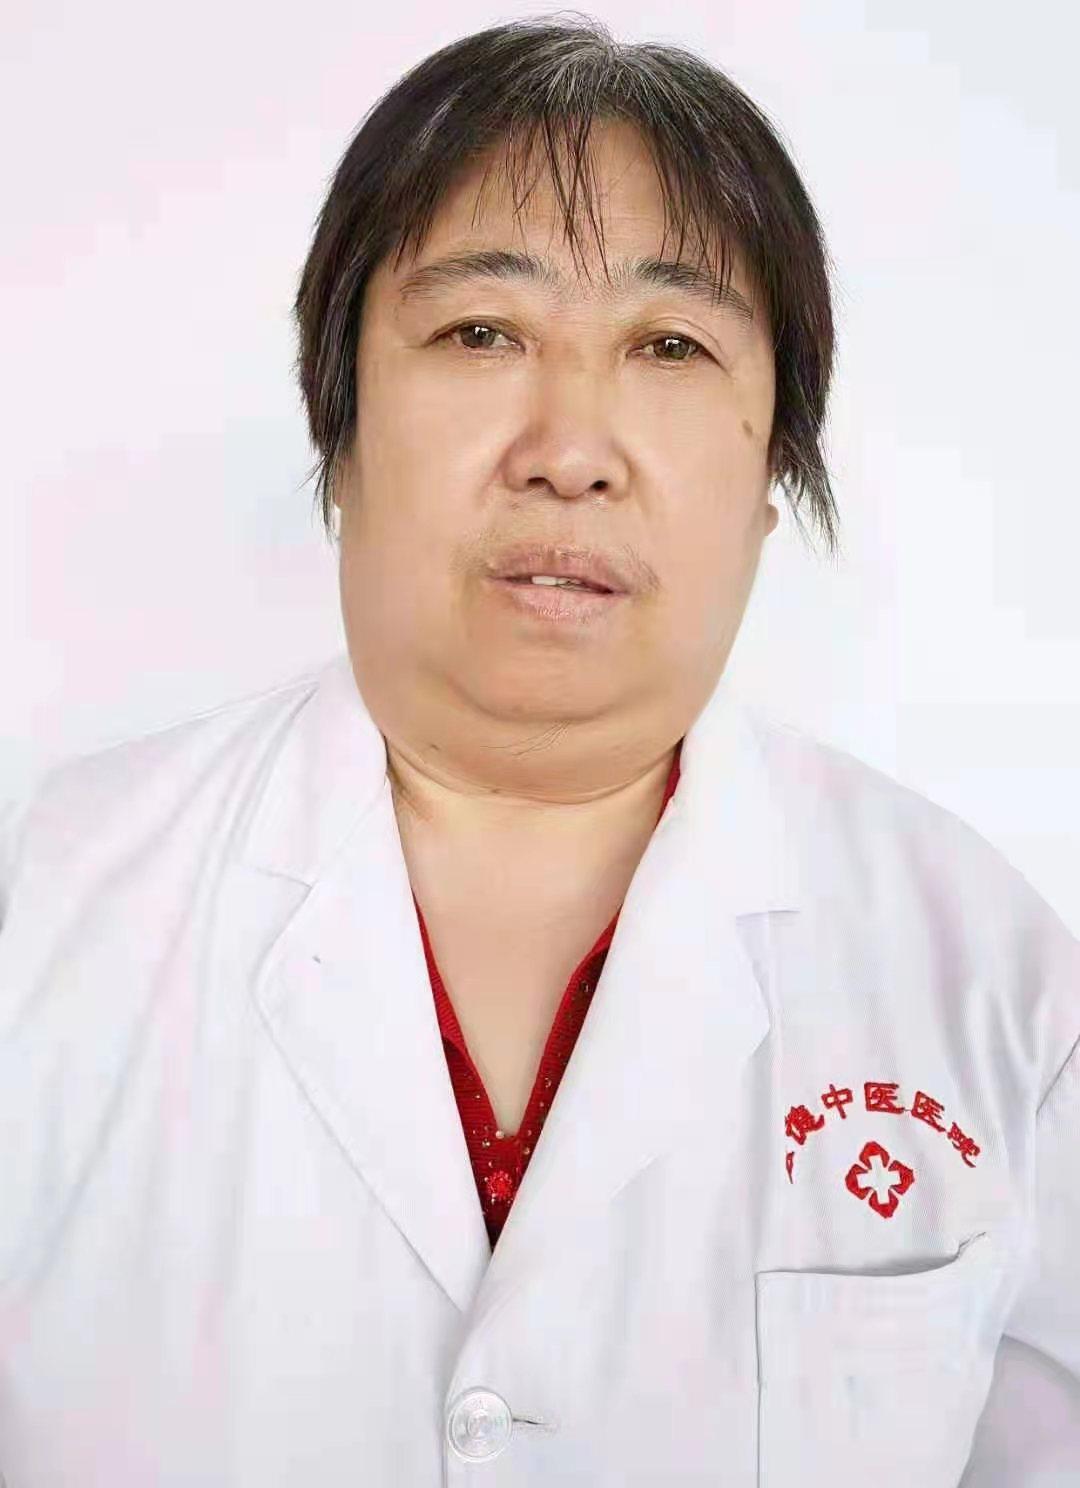 张家口宏德中医医院